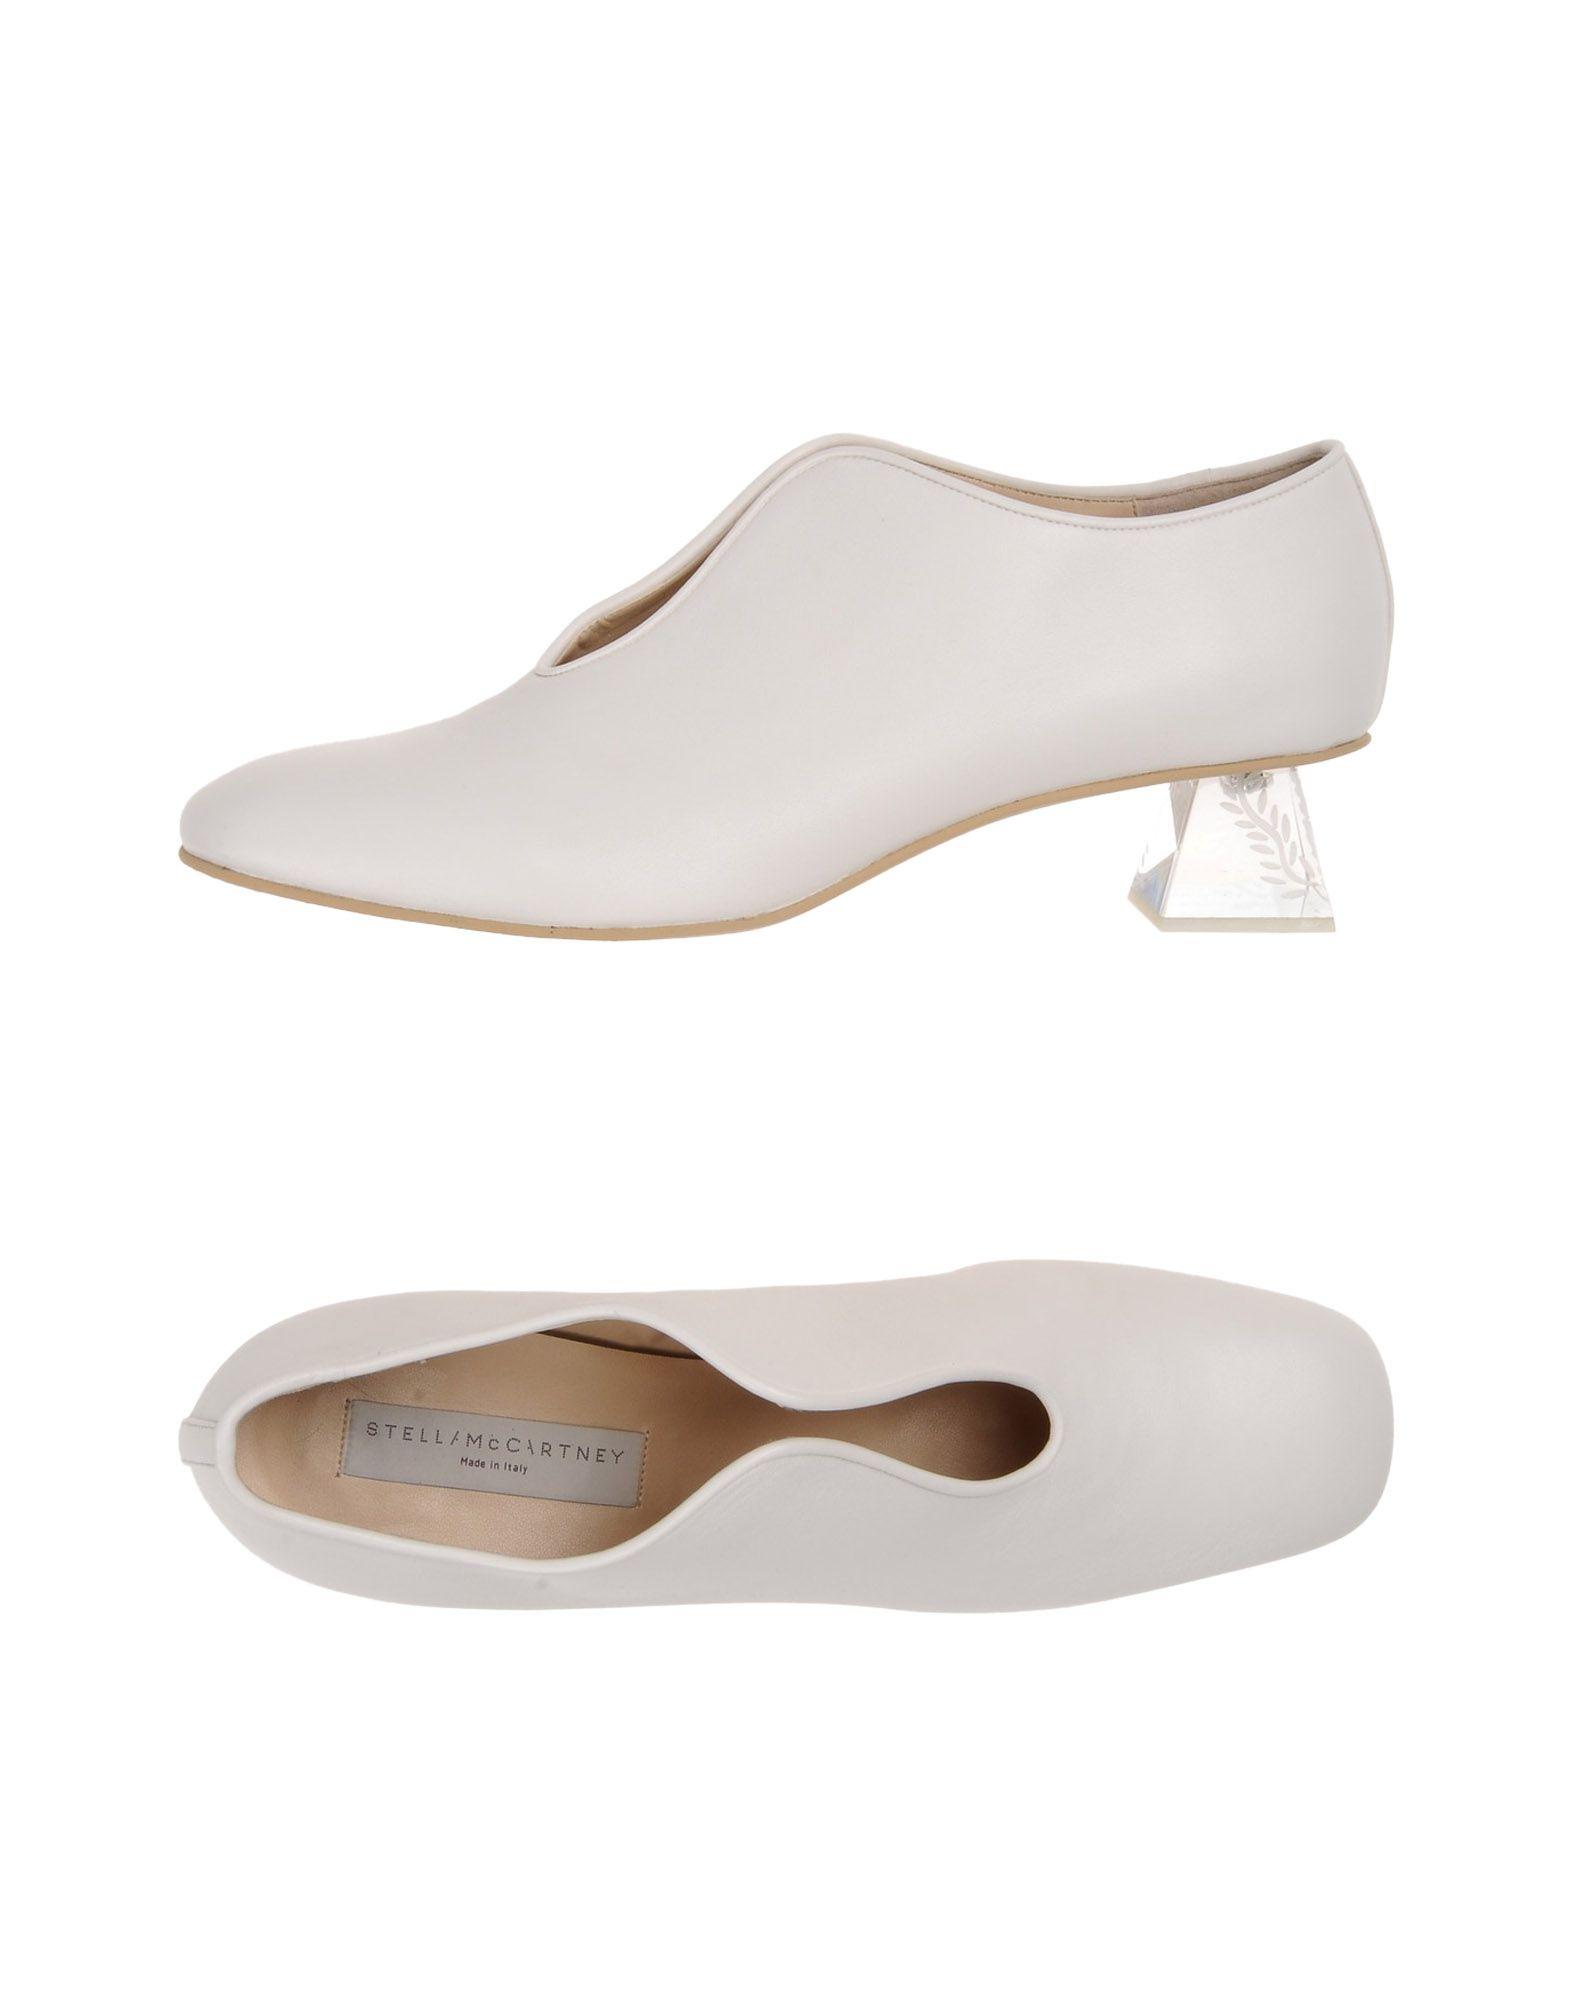 Stella Mccartney Mokassins Damen  11124593URGünstige gut aussehende Schuhe